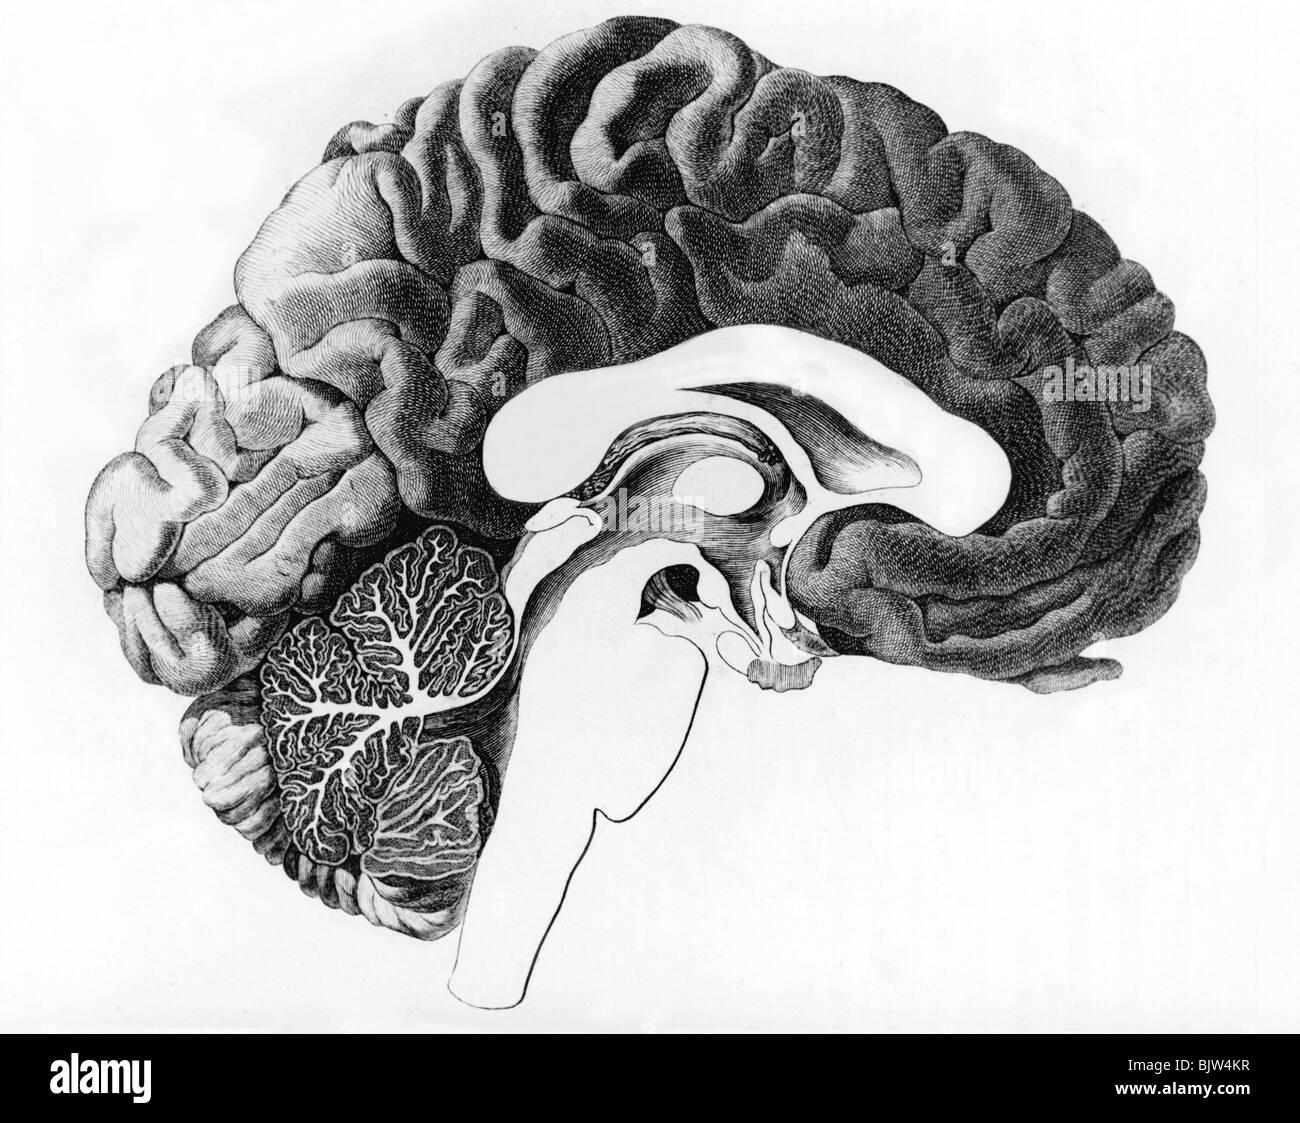 Medizin, Anatomie, Gehirn, Querschnitt des menschlichen Gehirns ...